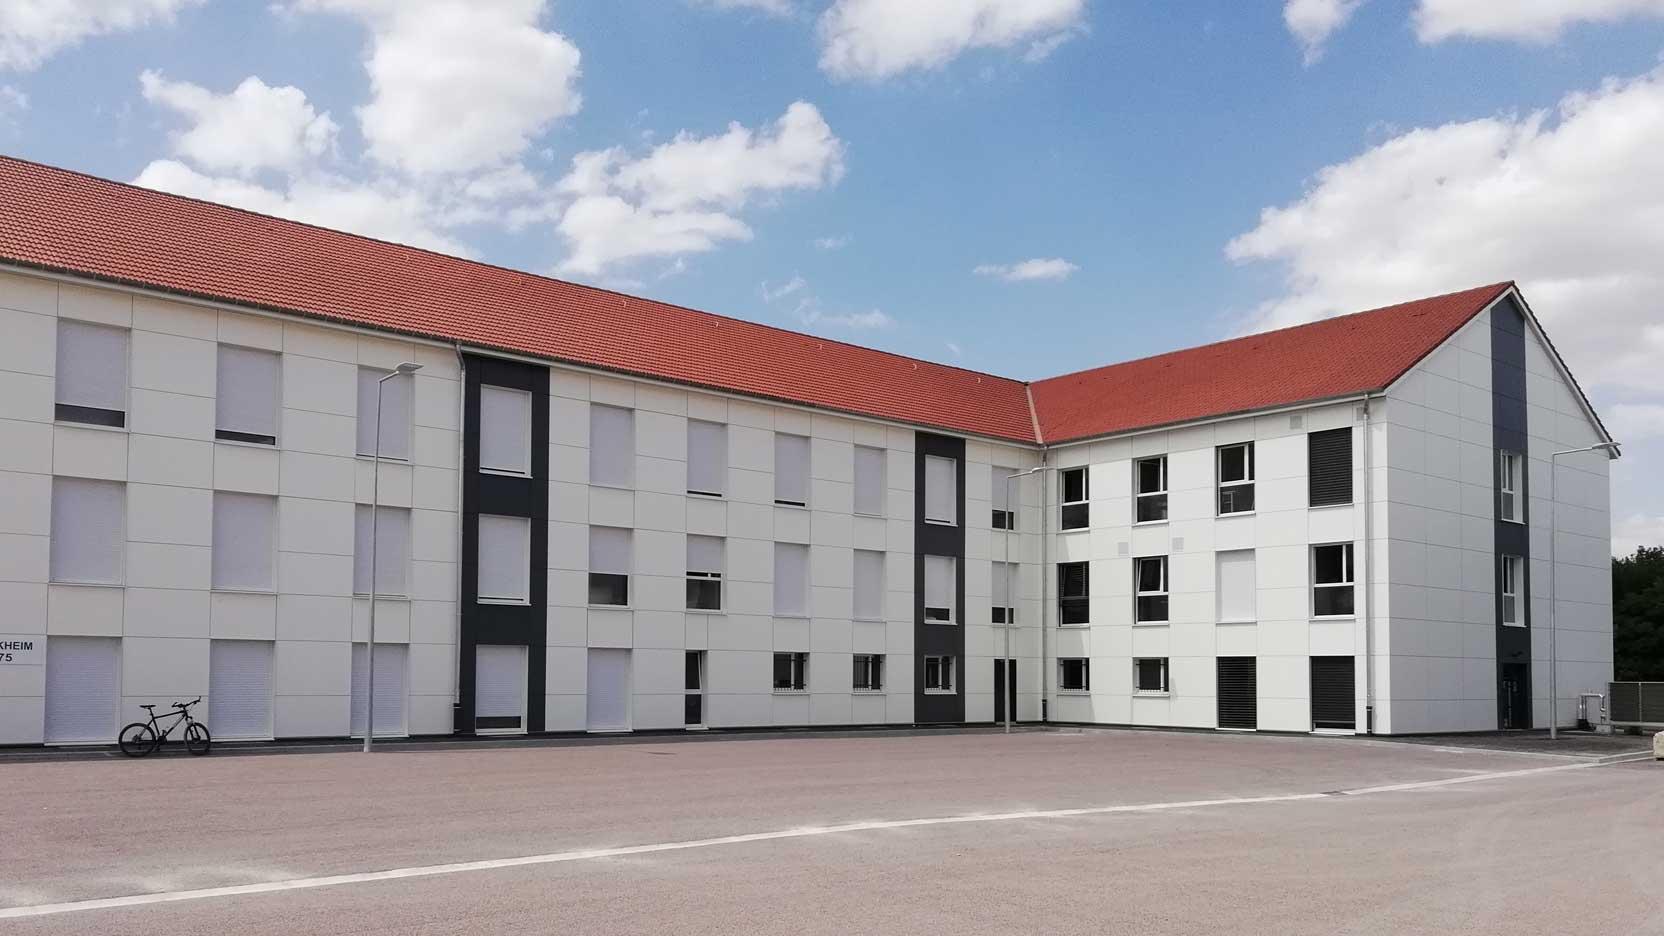 4 632 modules en bois pour moderniser des casernes de l'Armée de Terre dans toute la France avec le projet CATALPA